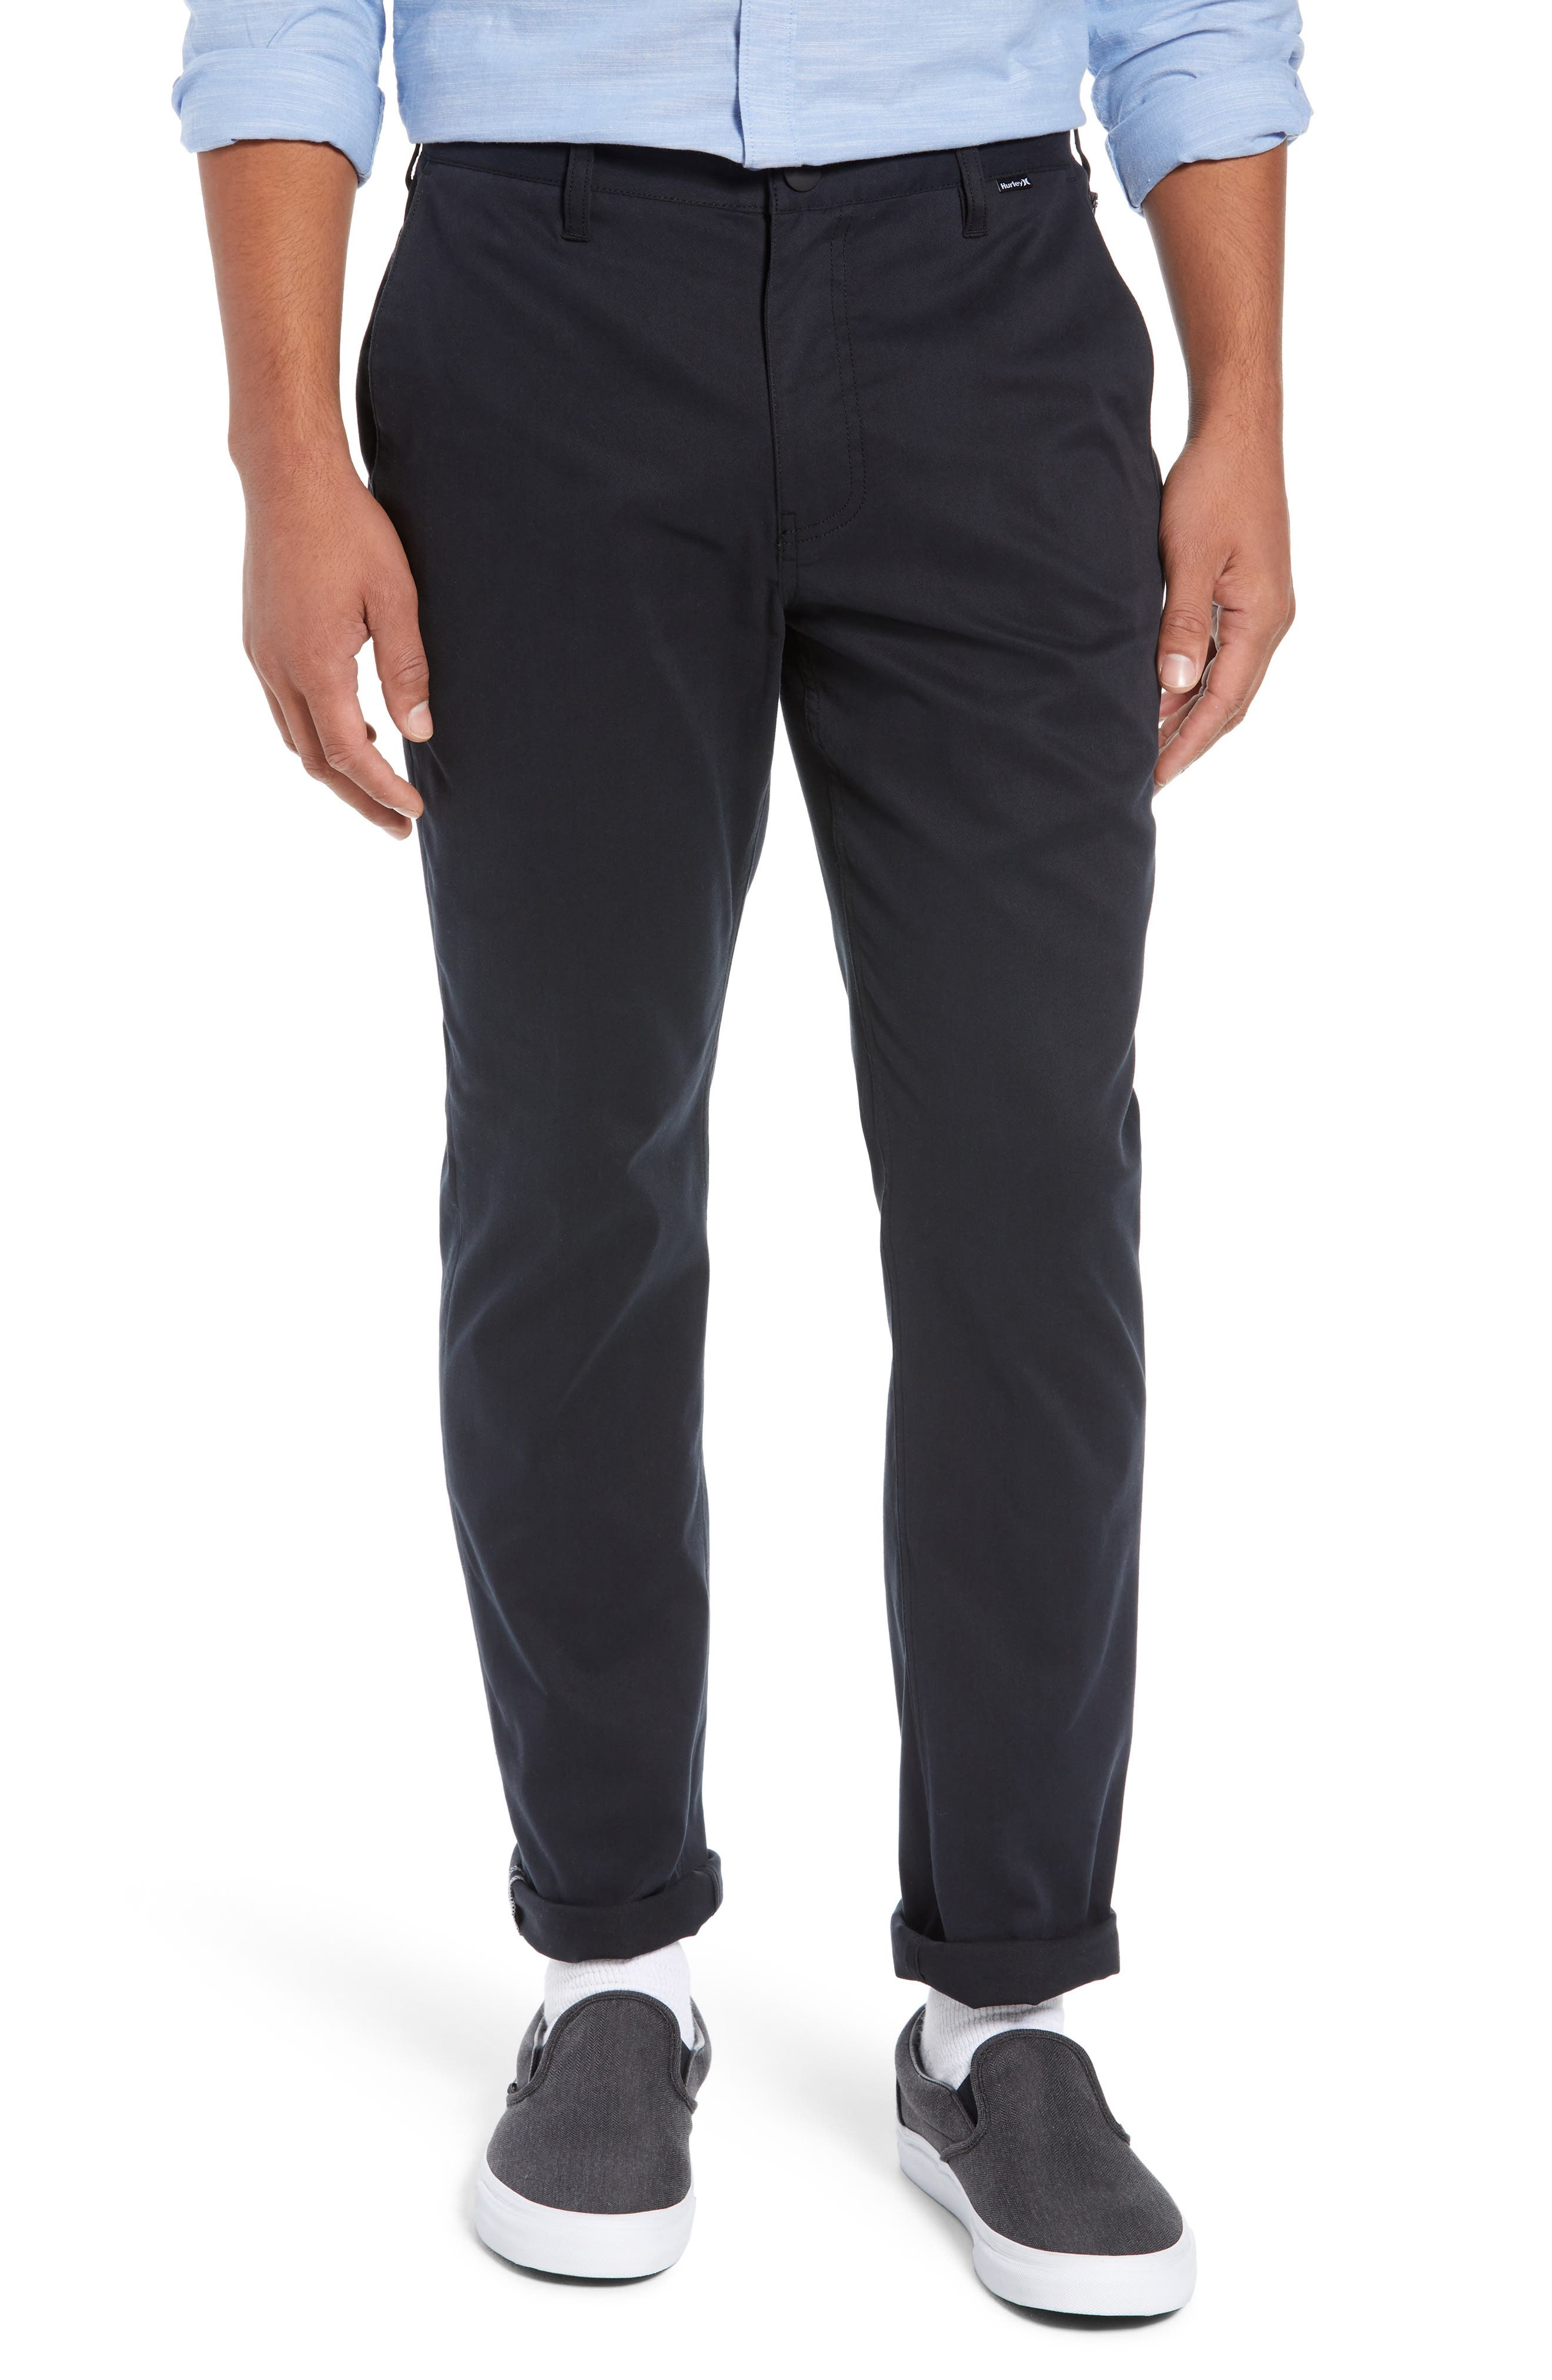 Dri-FIT Pants,                             Main thumbnail 1, color,                             BLACK